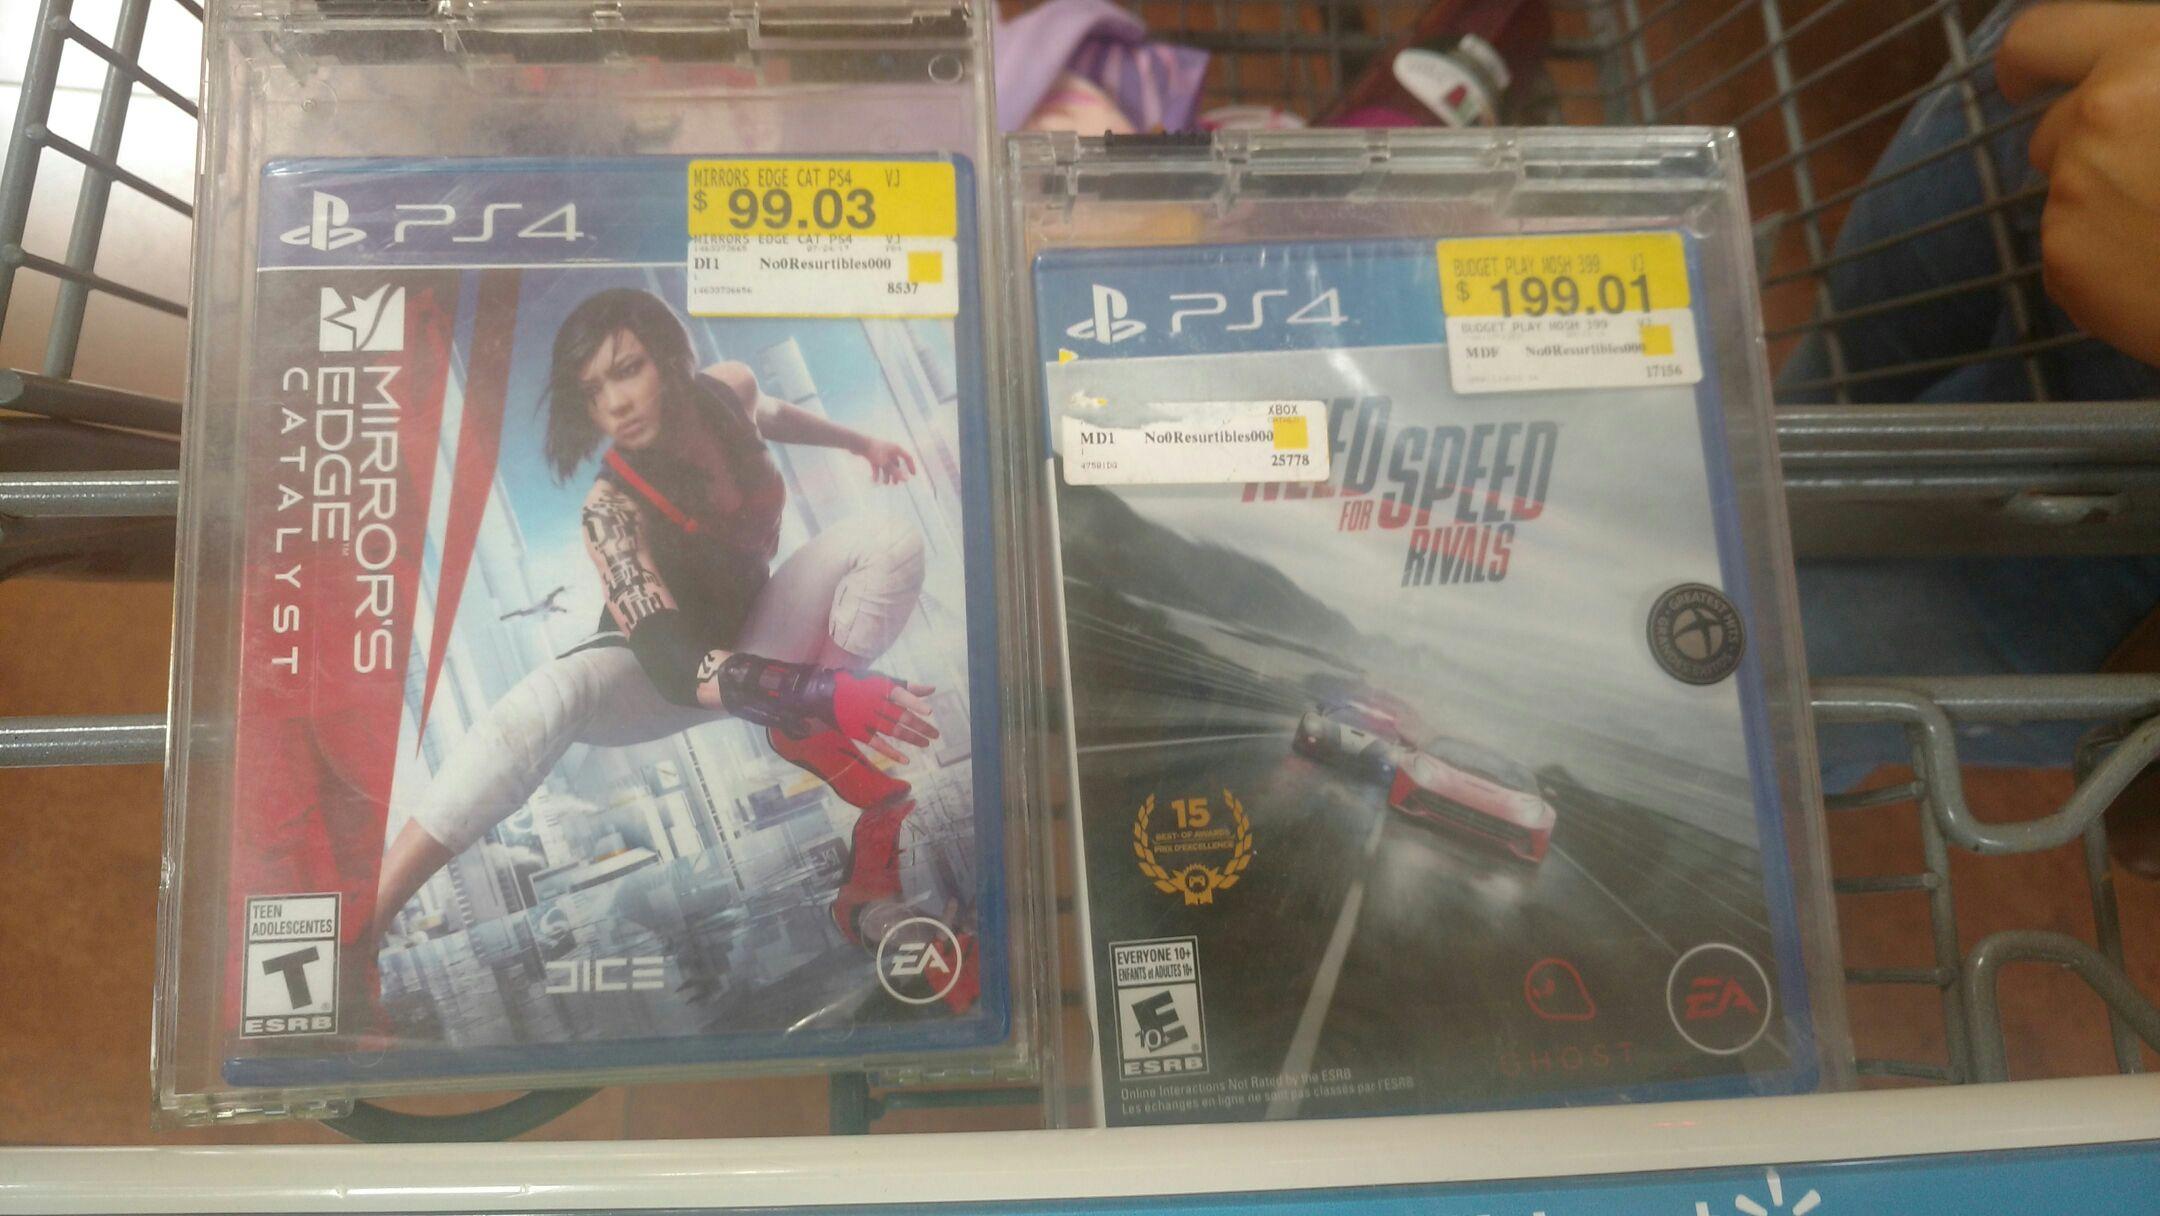 Walmart gran patio: mirror edge catalyst para PS4 a solo $99.03